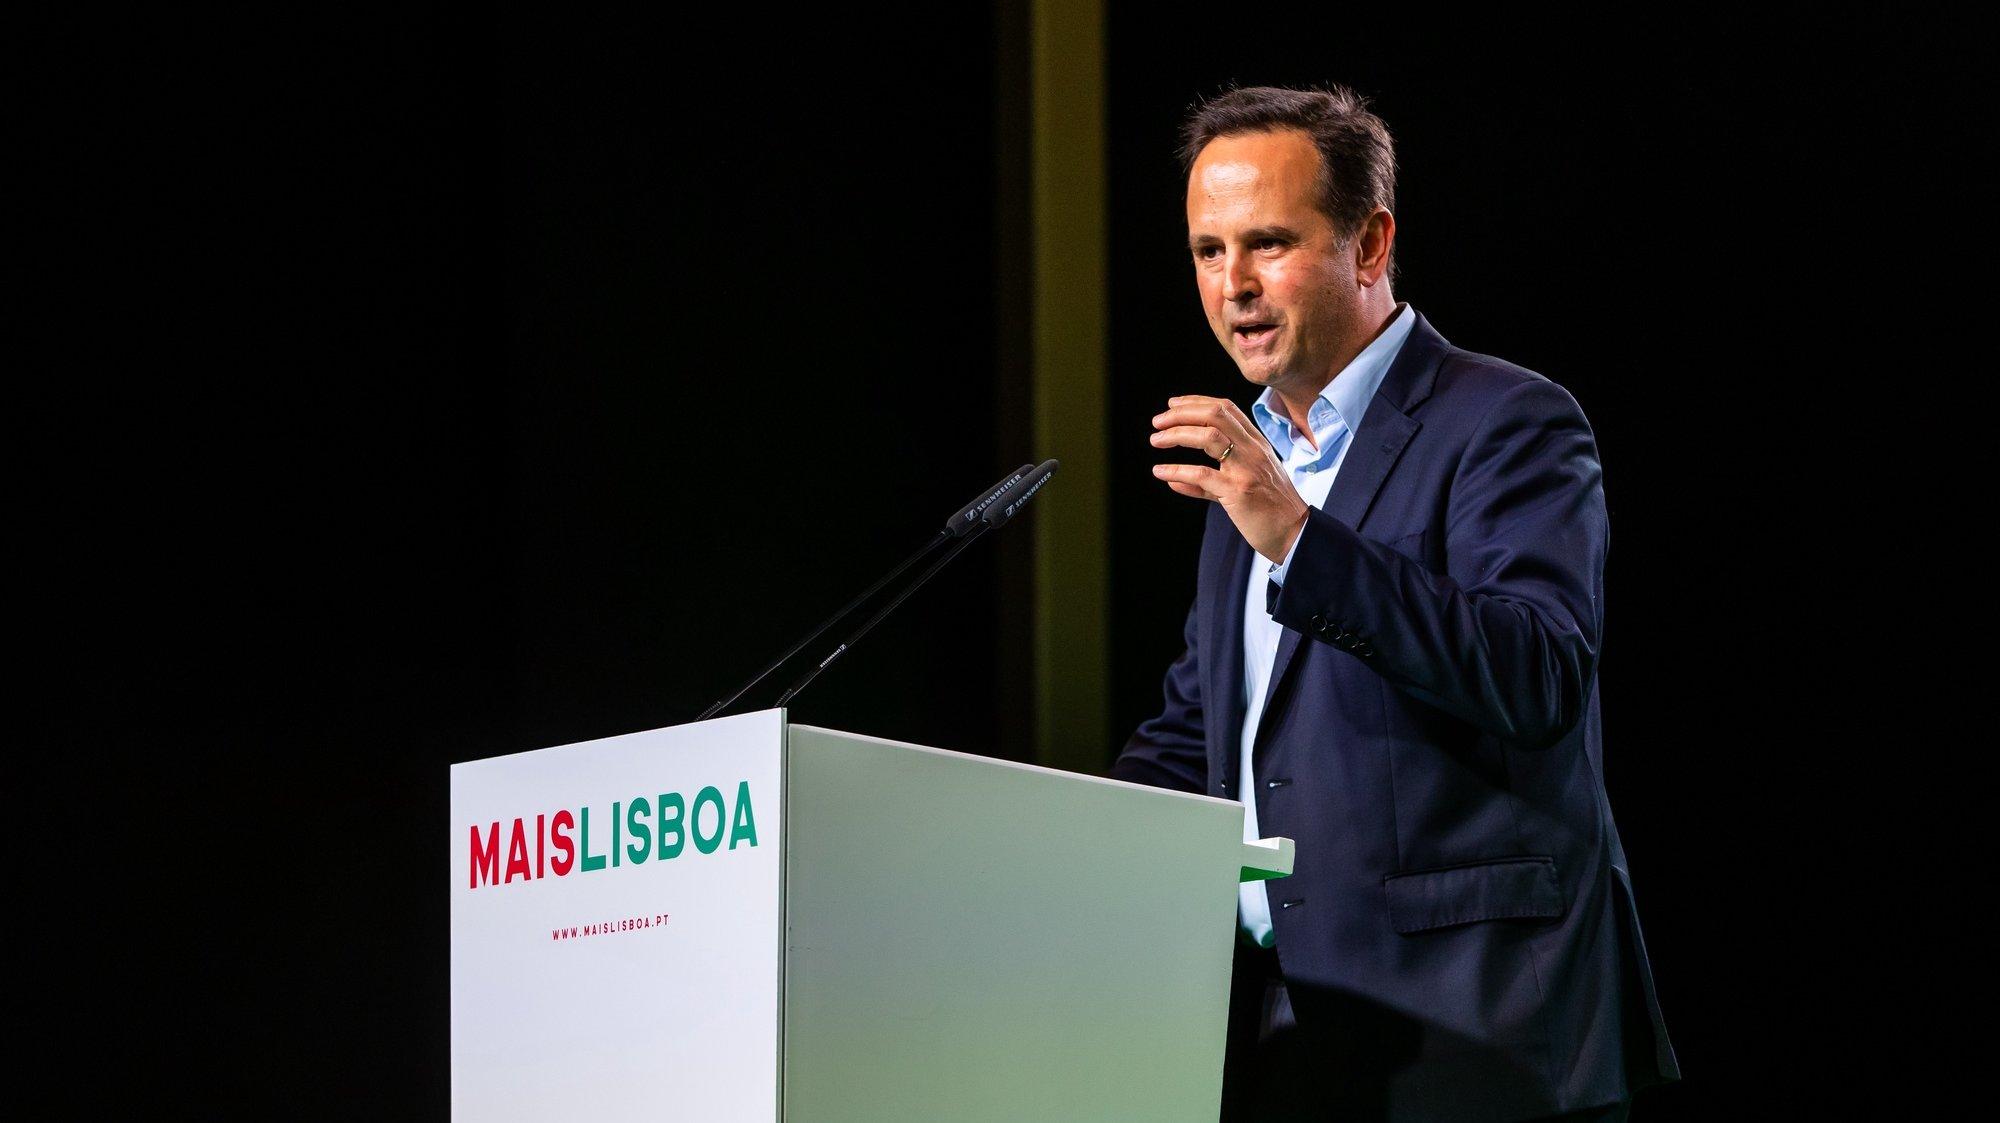 O presidente da Câmara Municipal de Lisboa, Fernando Medina, intervém durante a cerimónia de apresentação da sua recandidatura à Câmara Municipal de Lisboa, na Estufa Fria, em Lisboa, 05 de julho de 2021. JOSÉ SENA GOULÃO/LUSA